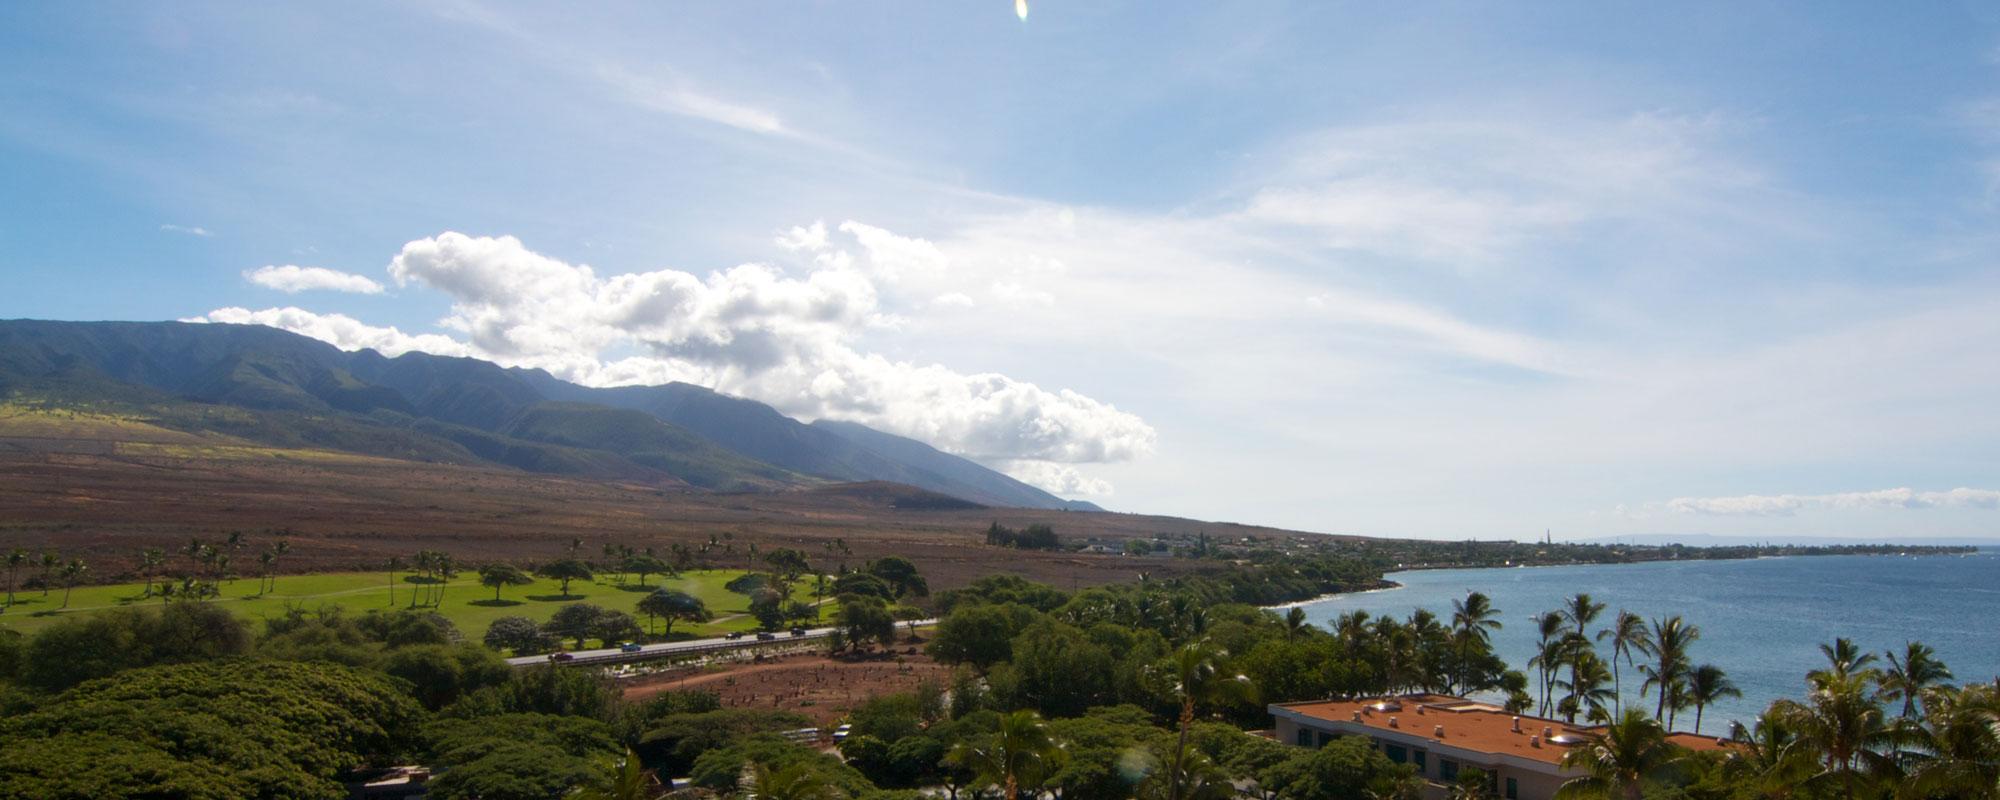 Maui Hawaii - Roos realty